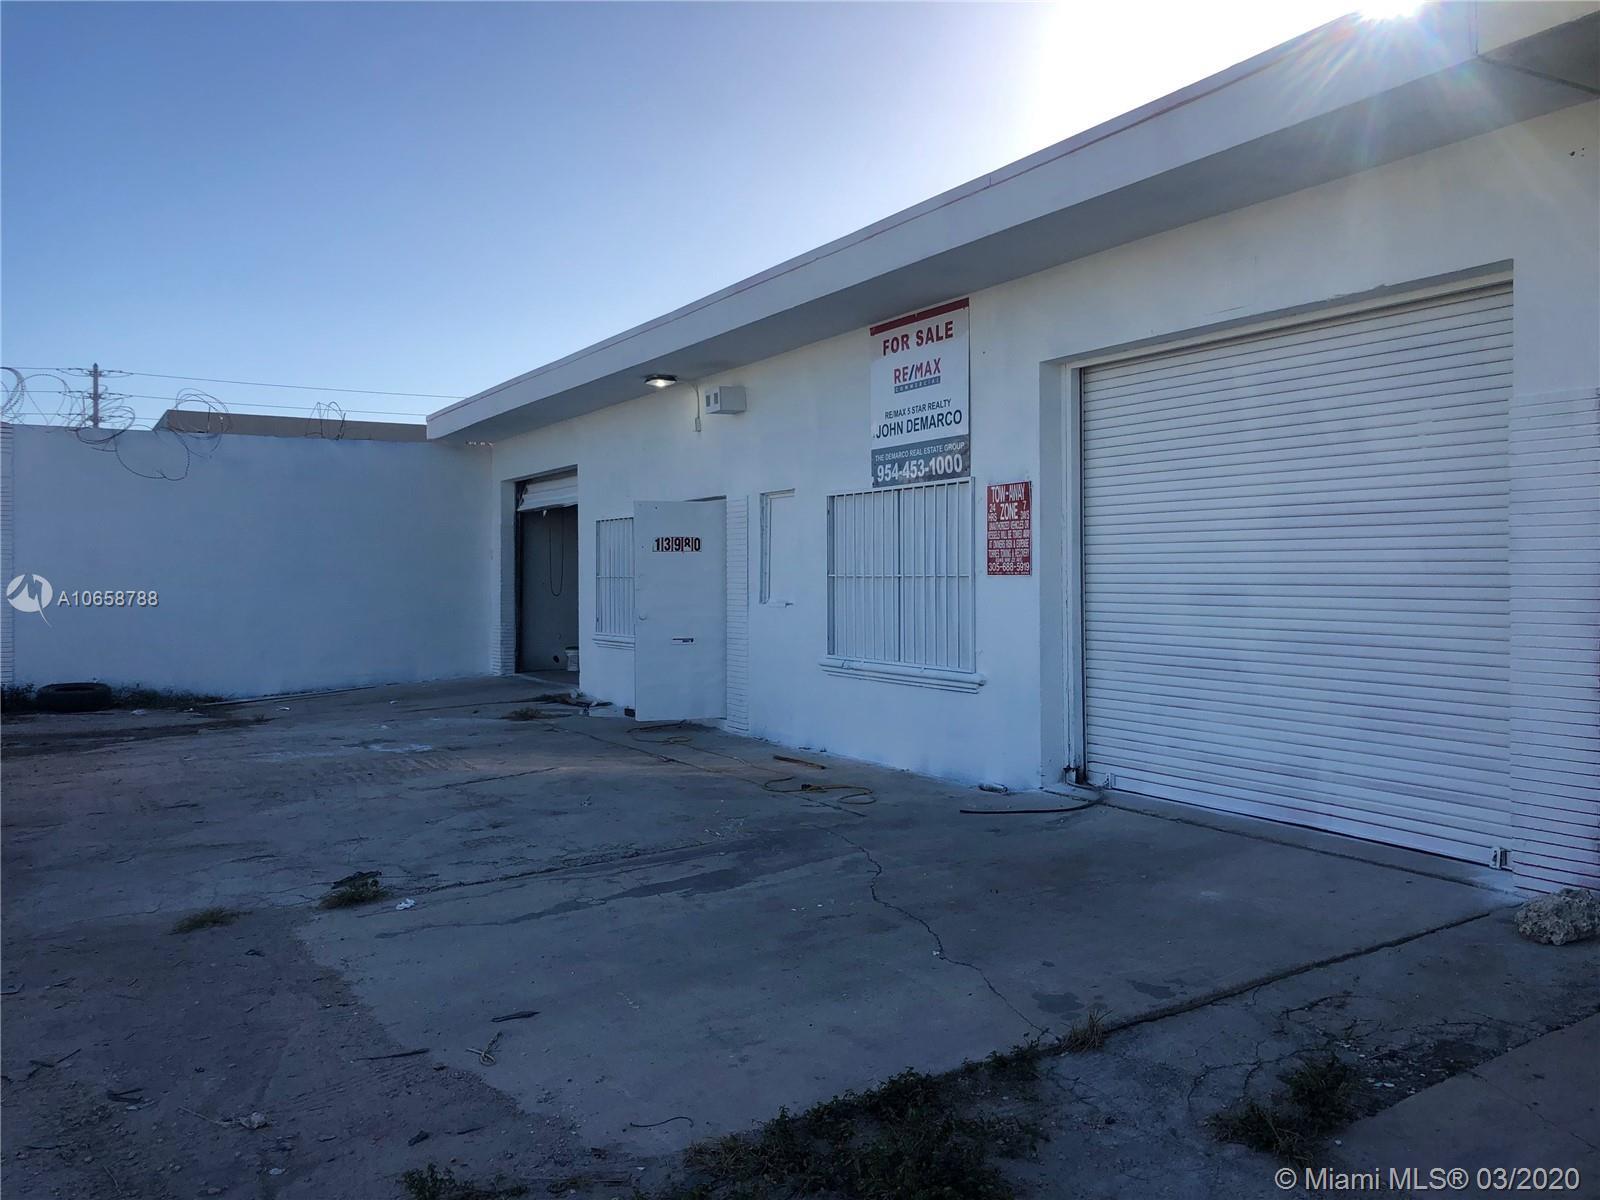 13980 NW 20th Ave, Opa-Locka, FL 33054